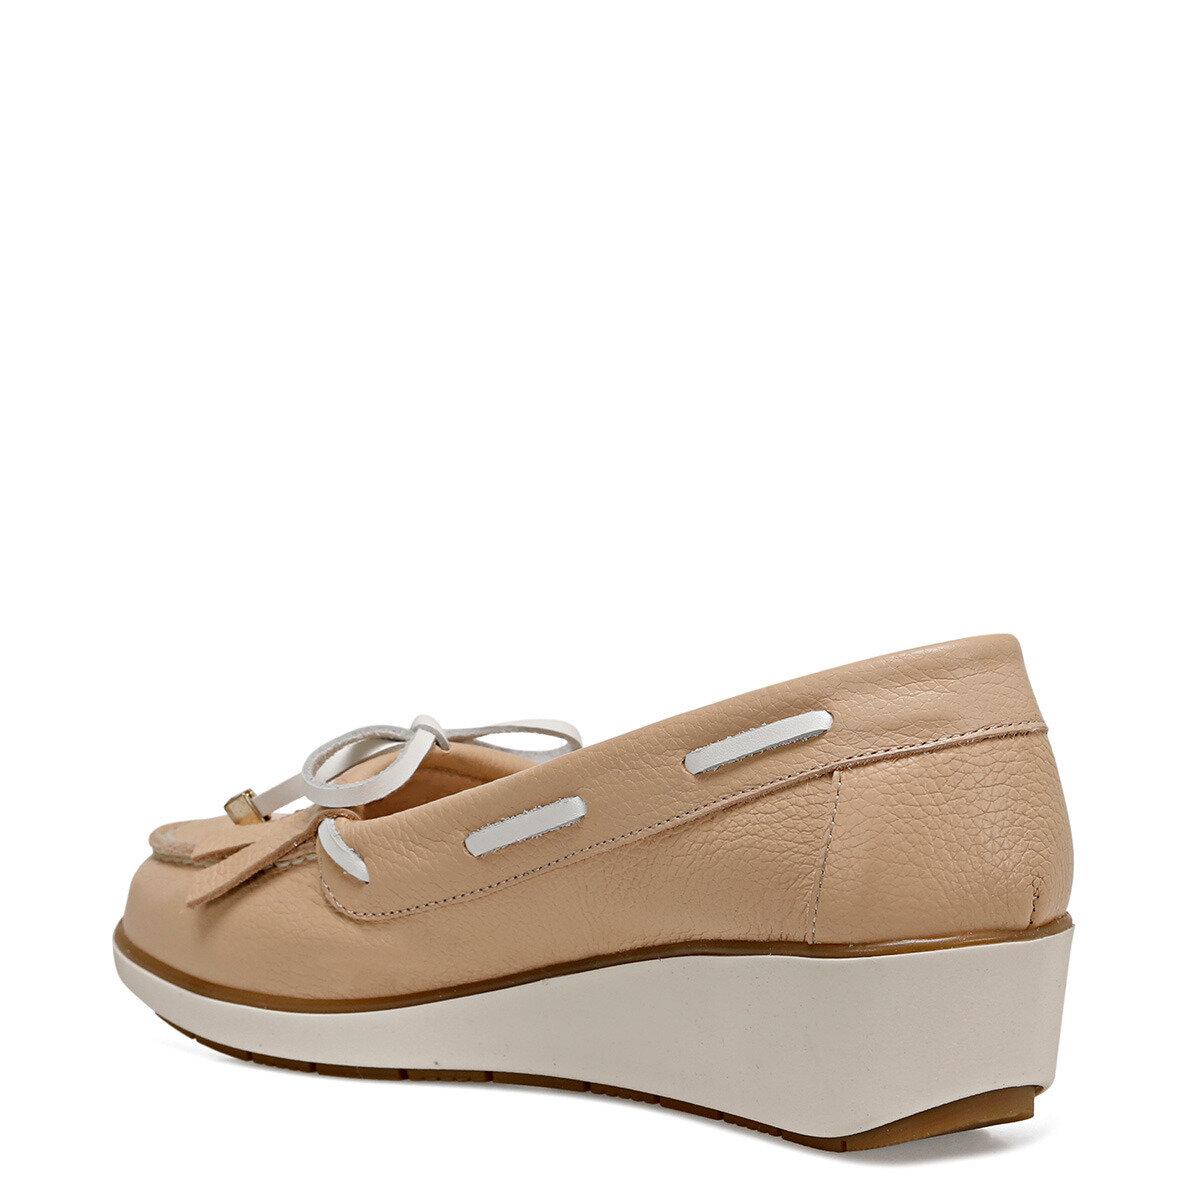 AGHA Pudra Kadın Dolgu Topuk Ayakkabı